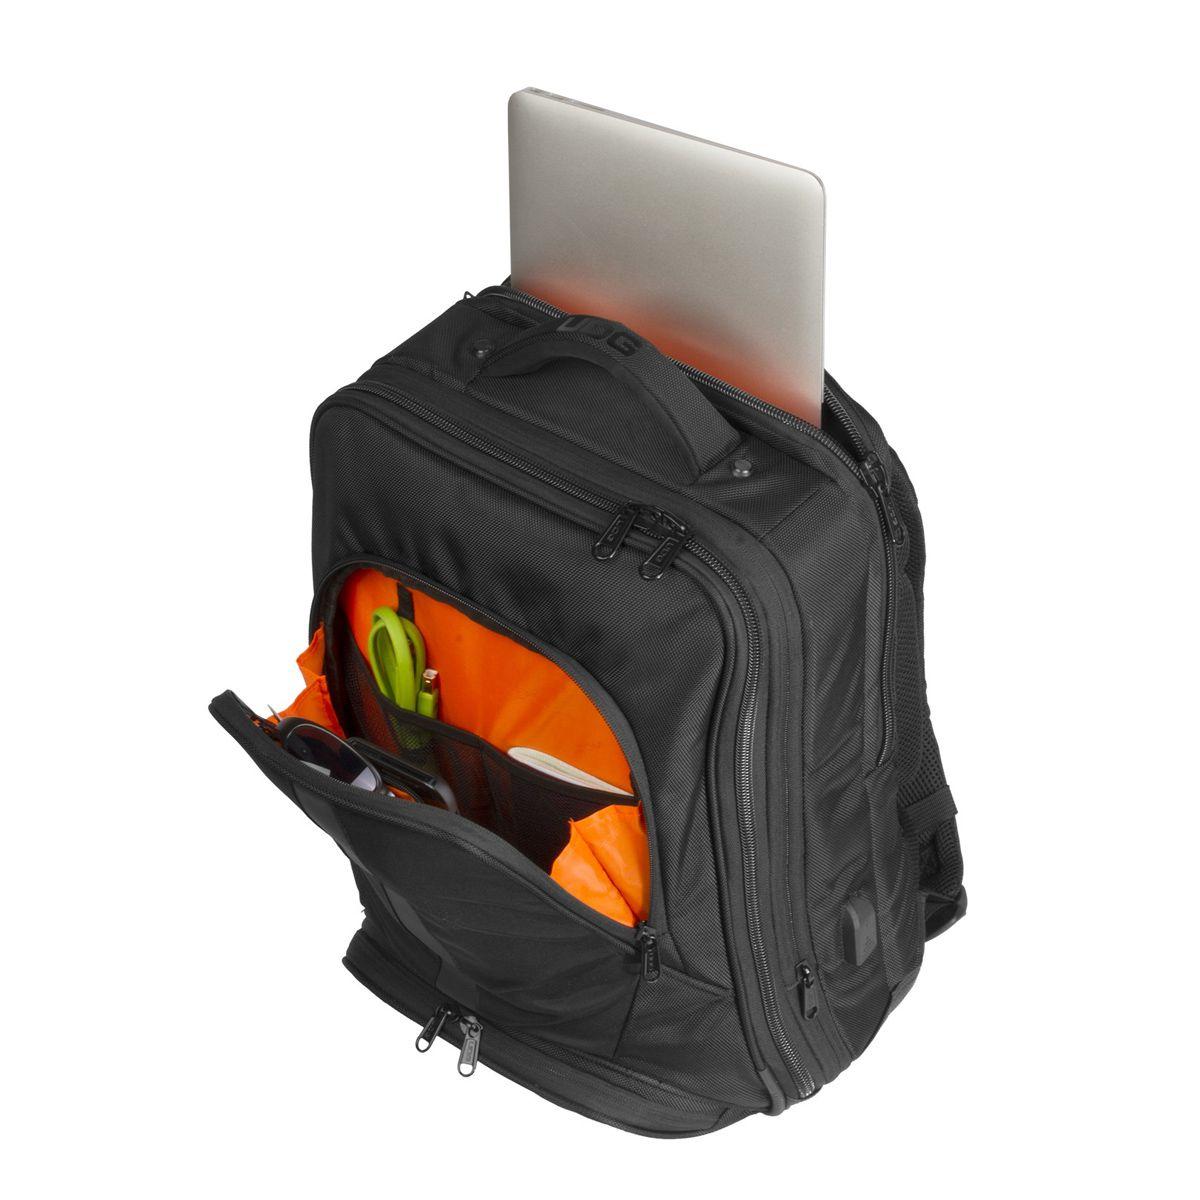 Mochila para DJ Ultimate Slim Preto e laranja UDG U9108BL/OR